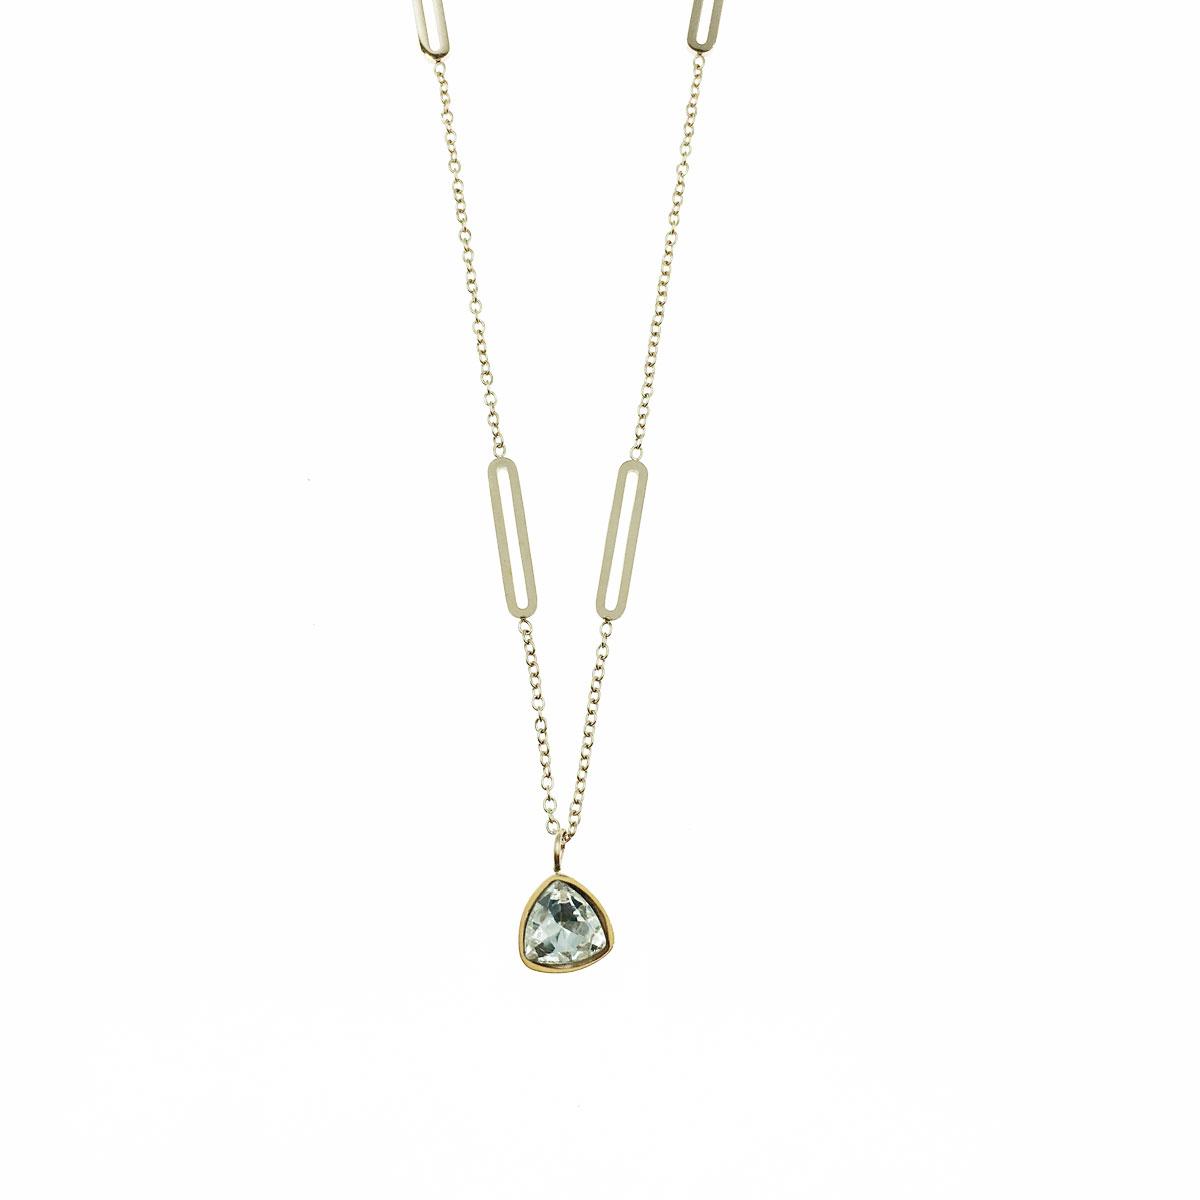 韓國 不銹鋼 水鑽 三角型 鎖骨鍊 短鍊 項鍊 飾品